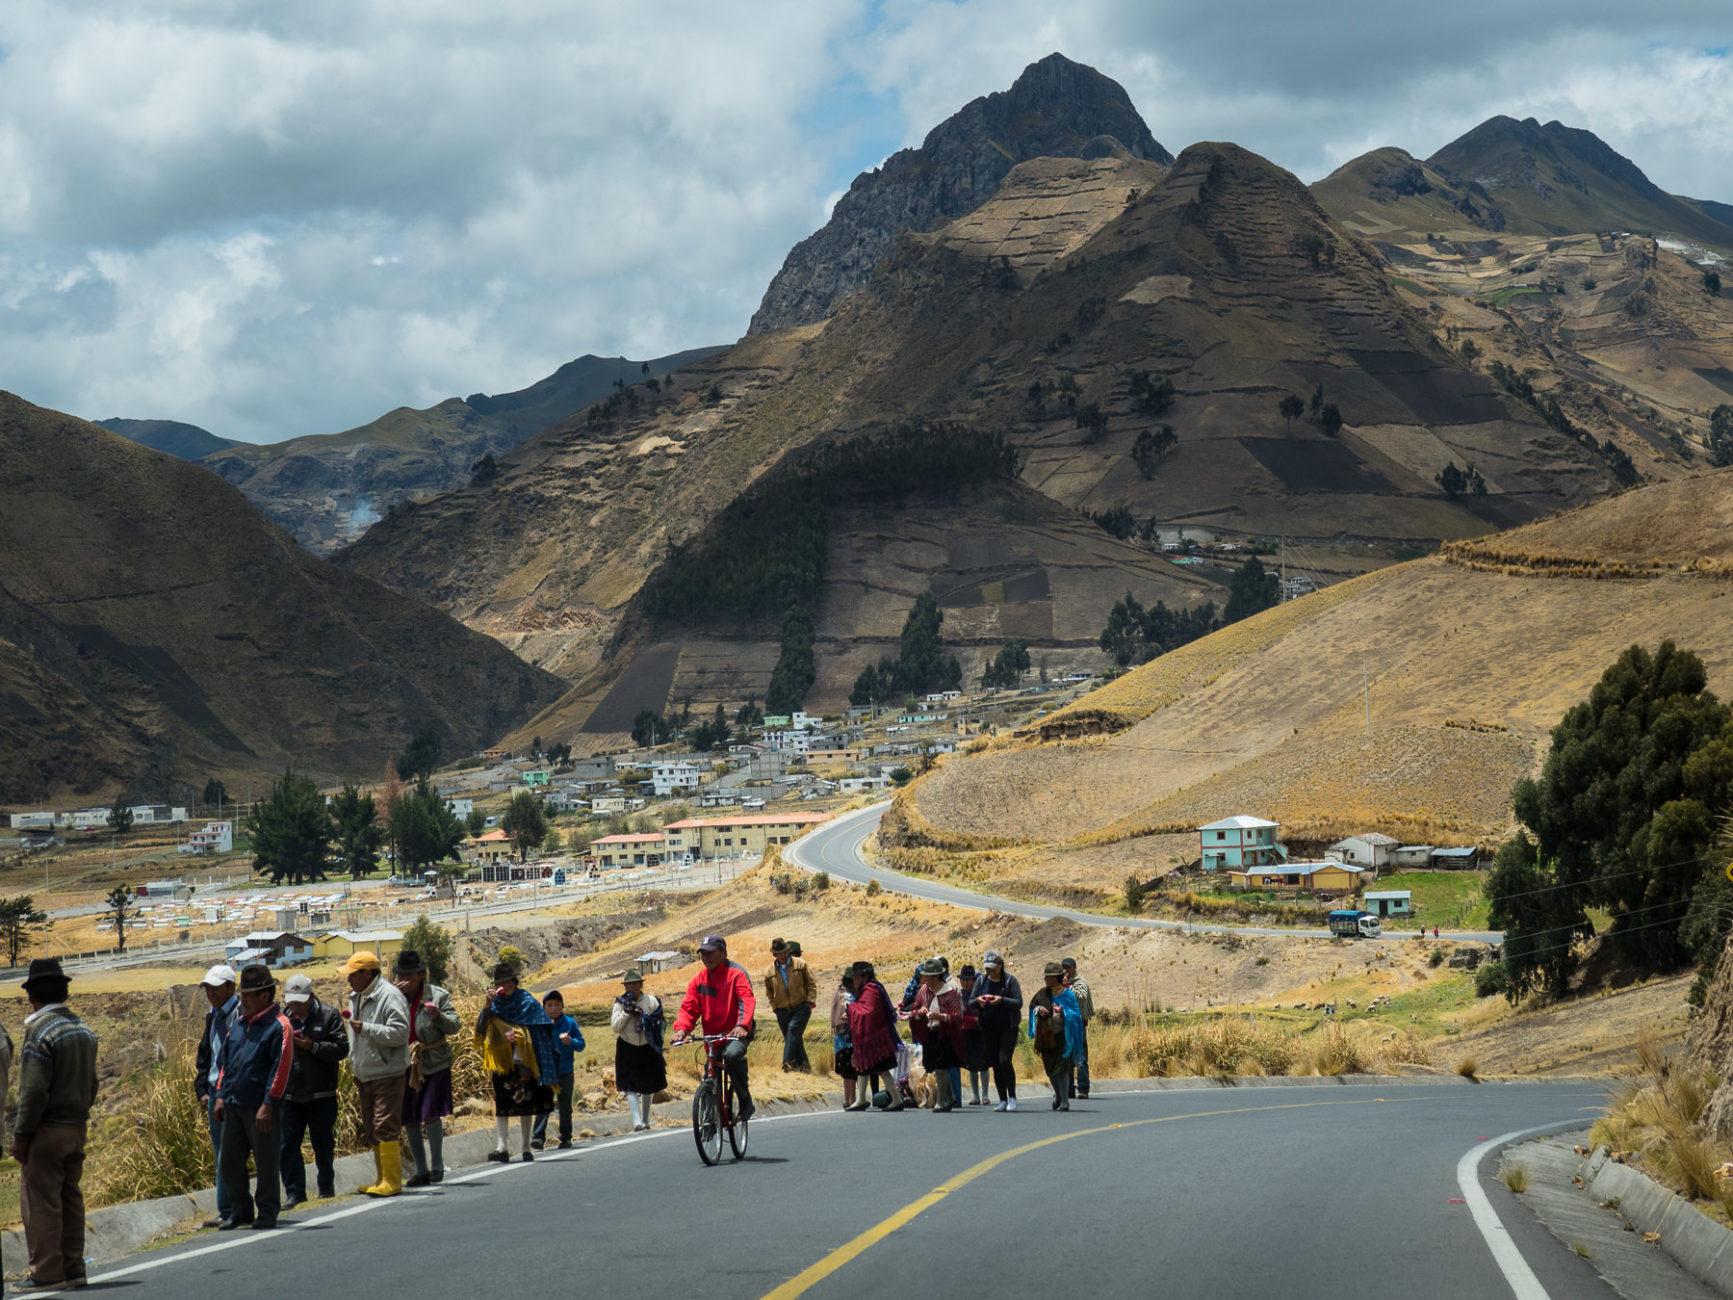 Aus den umliegenden Dörfern kommen alle zum großen Fest nach Latacunga